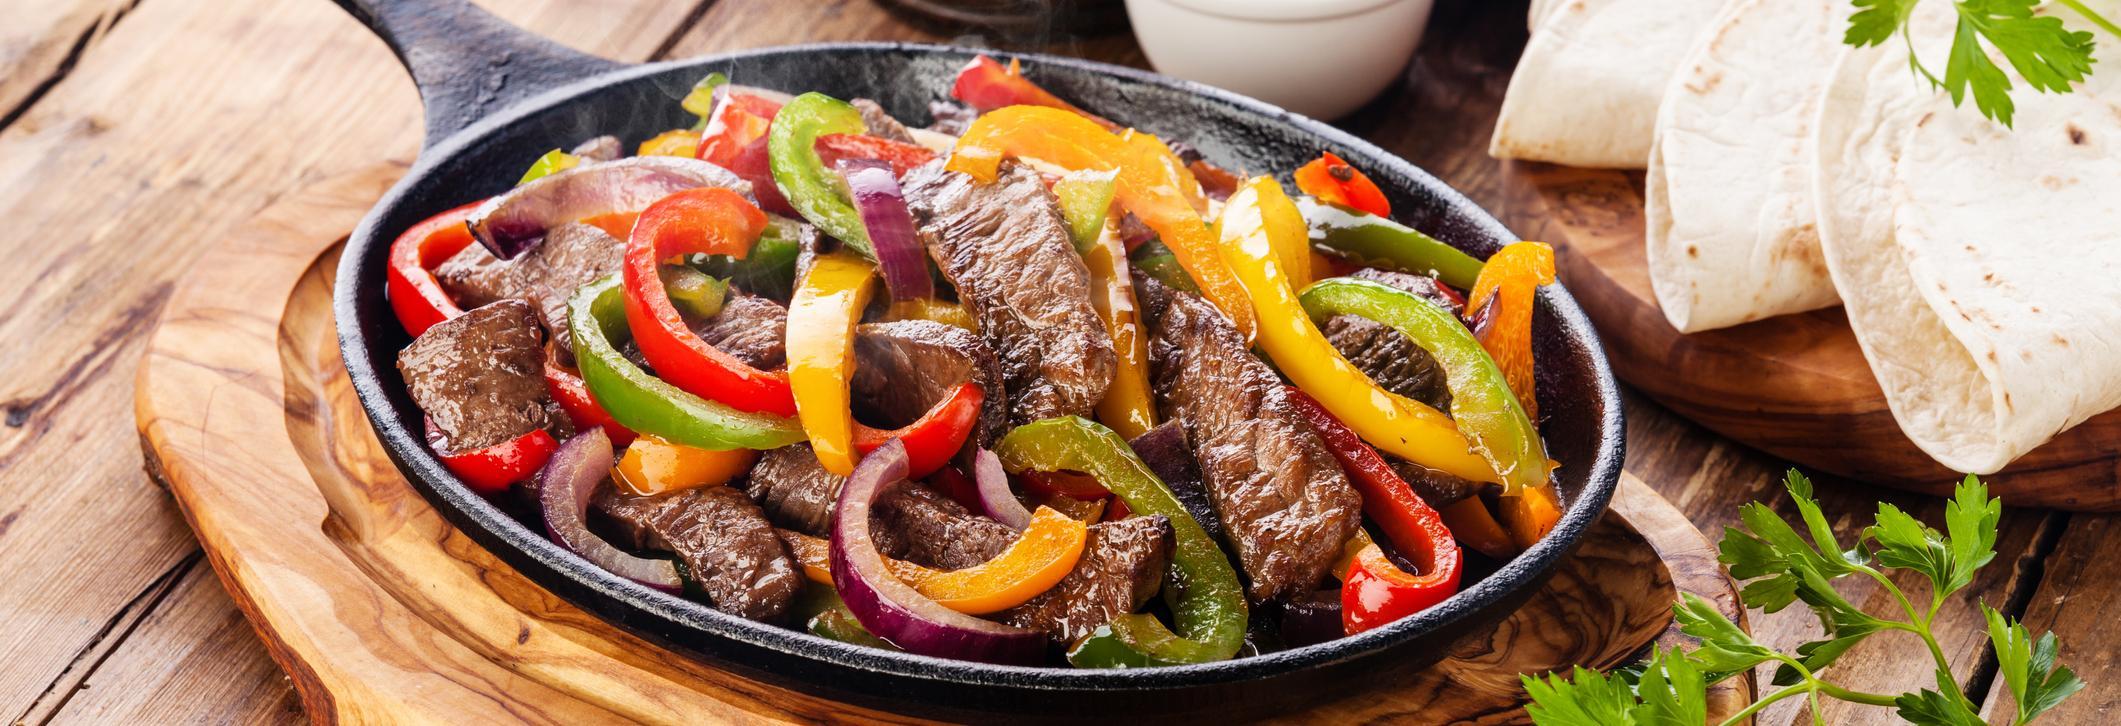 rancheros cocina mexicana fajitas dish